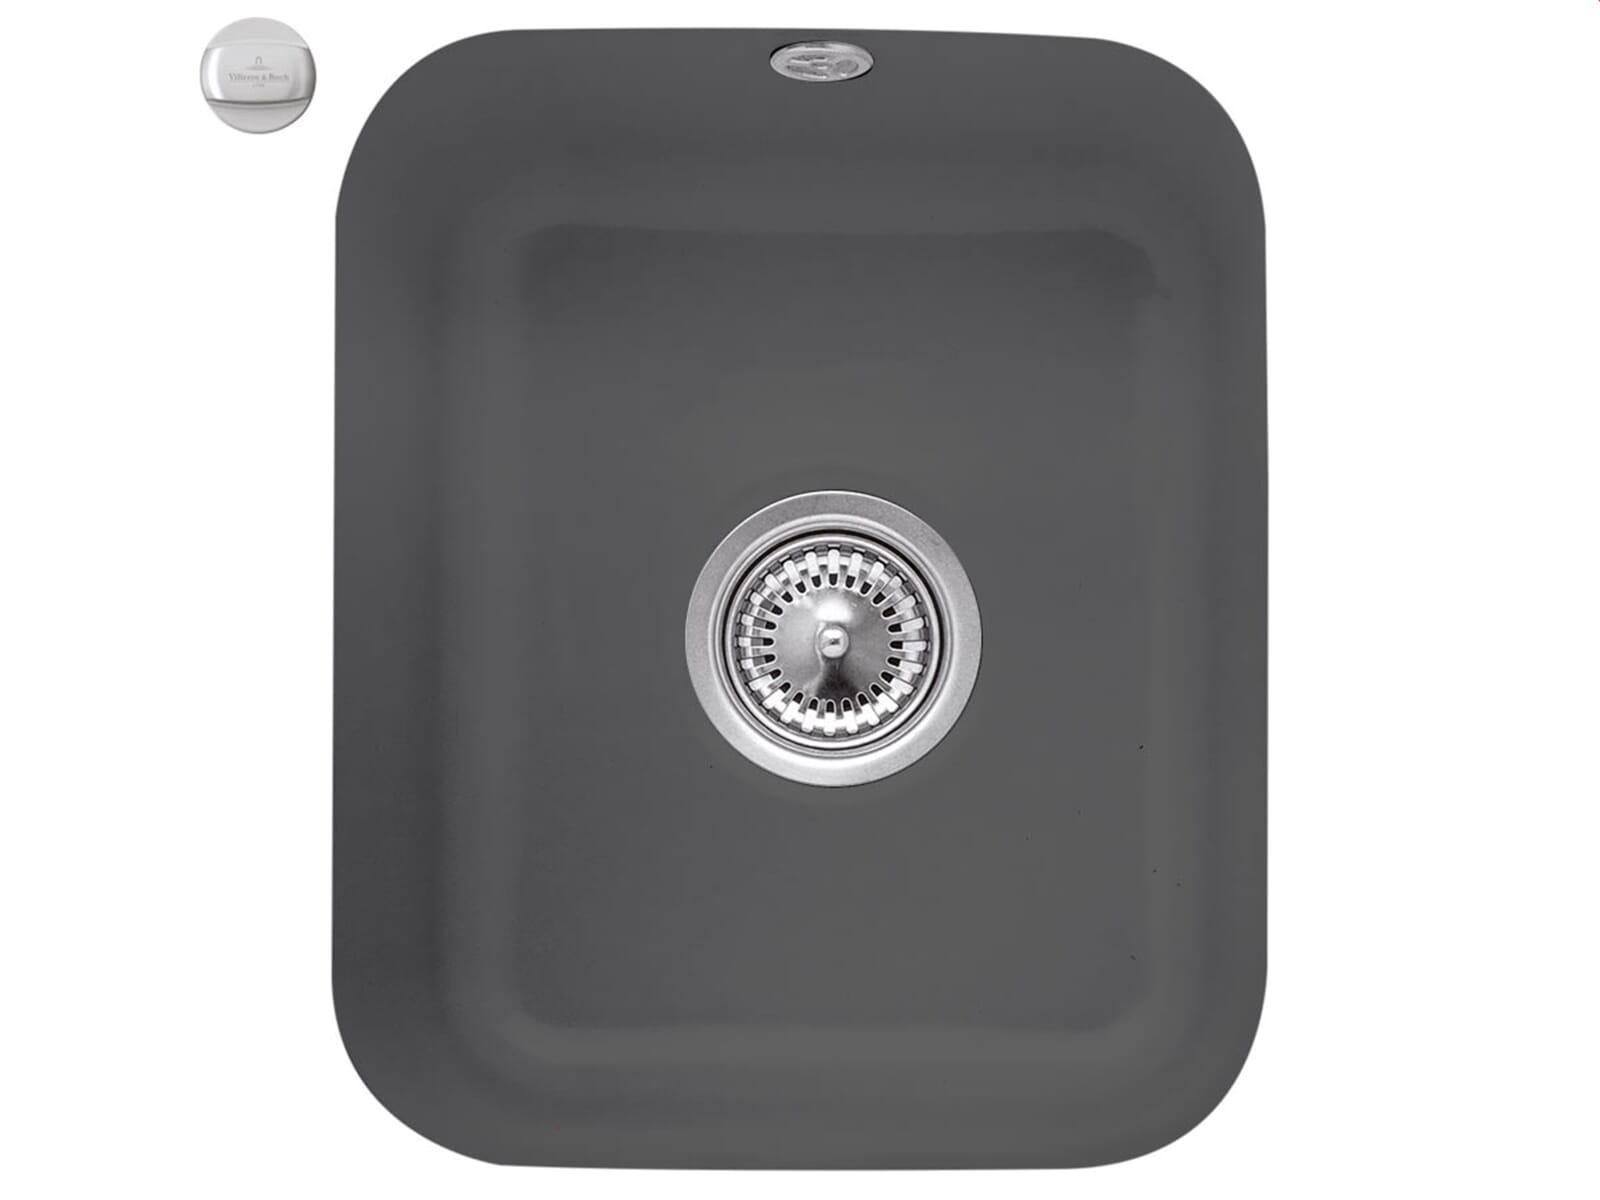 Villeroy & Boch Cisterna 45 Graphit - 6704 02 i4 Keramikspüle Exzenterbetätigung